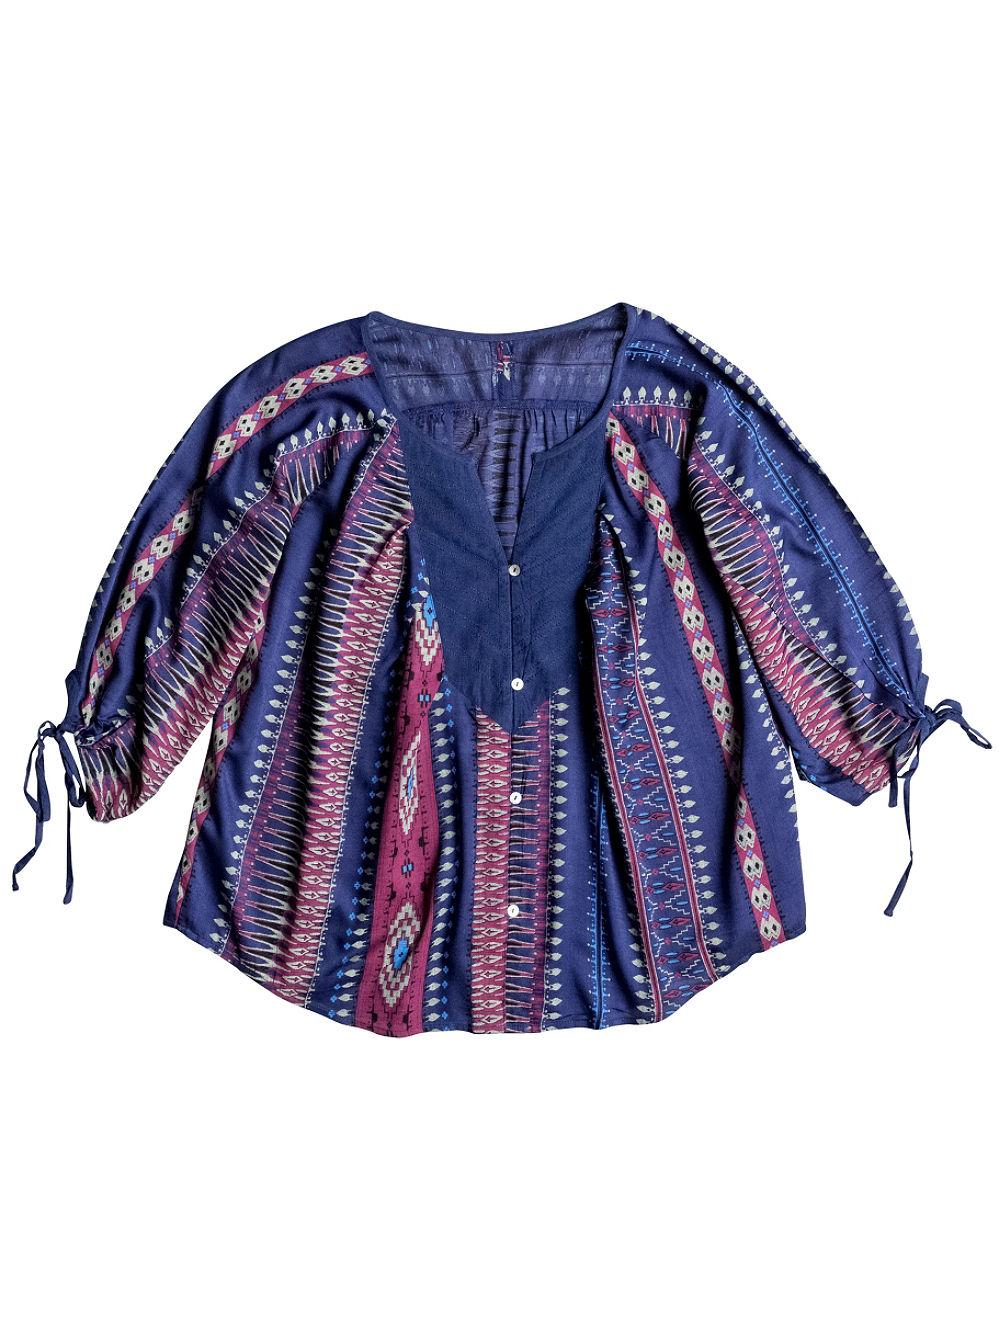 roxy-uptown-river-t-shirt-ls